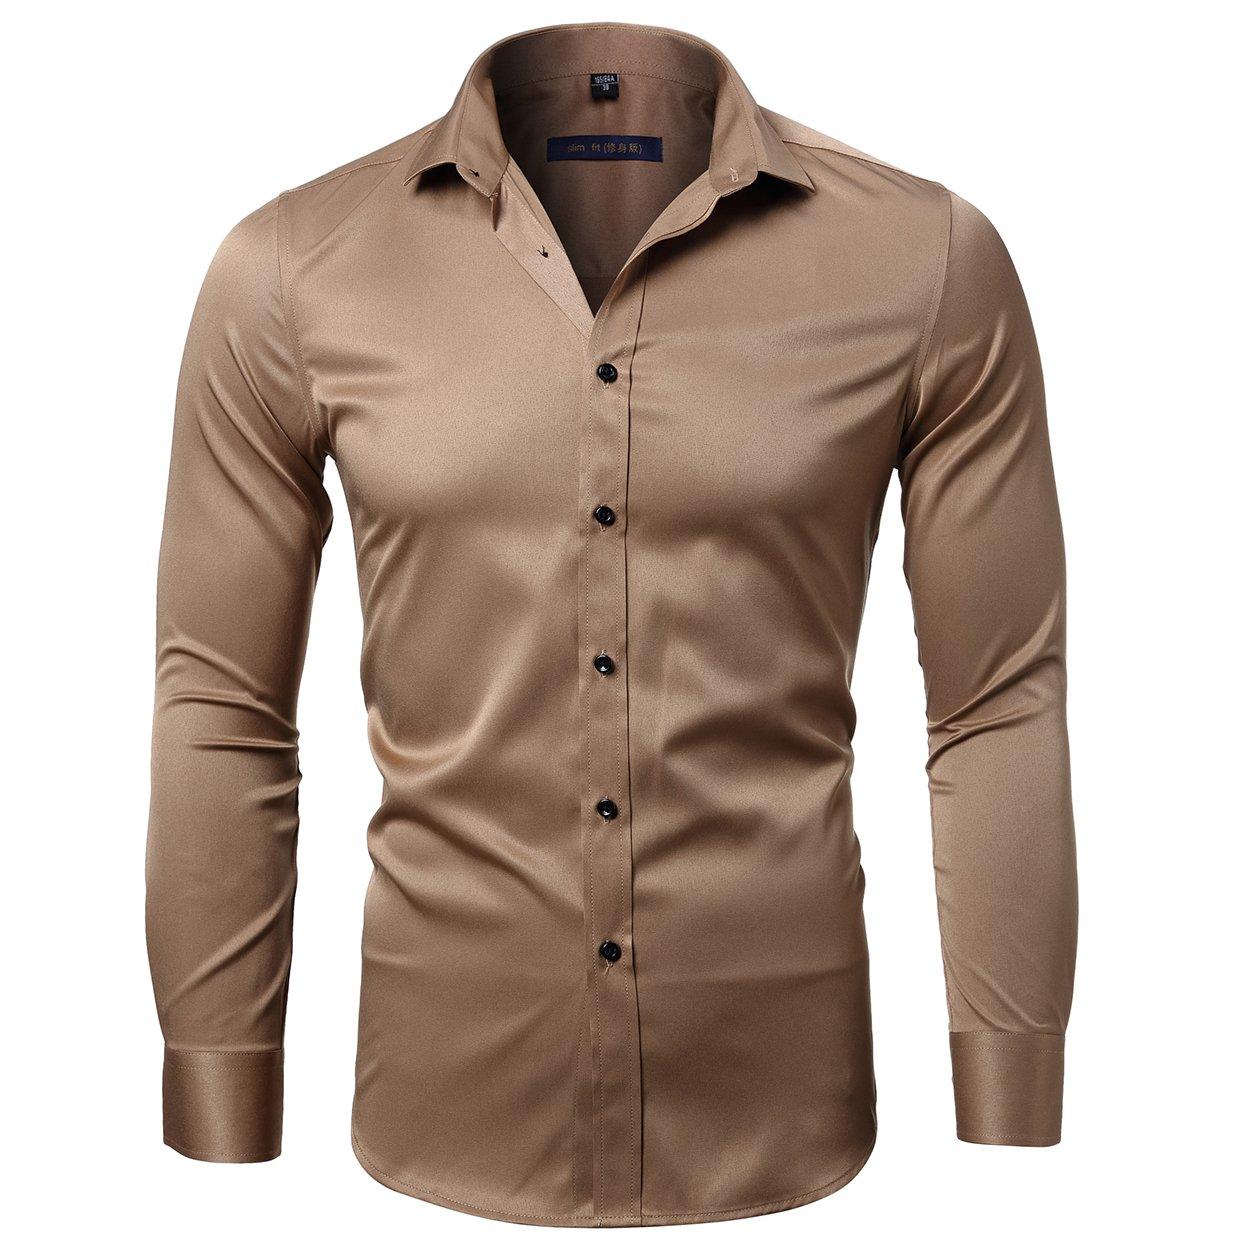 KelaSip Camisa para Hombres Transpirable Manga Larga Color Sólido para Hombres Slim Fit Formales/Casual Camisas Negocios Clásico Bambú Fibra Camisa Tops Blusa para Hombres,7 Tamaños 5 Colores